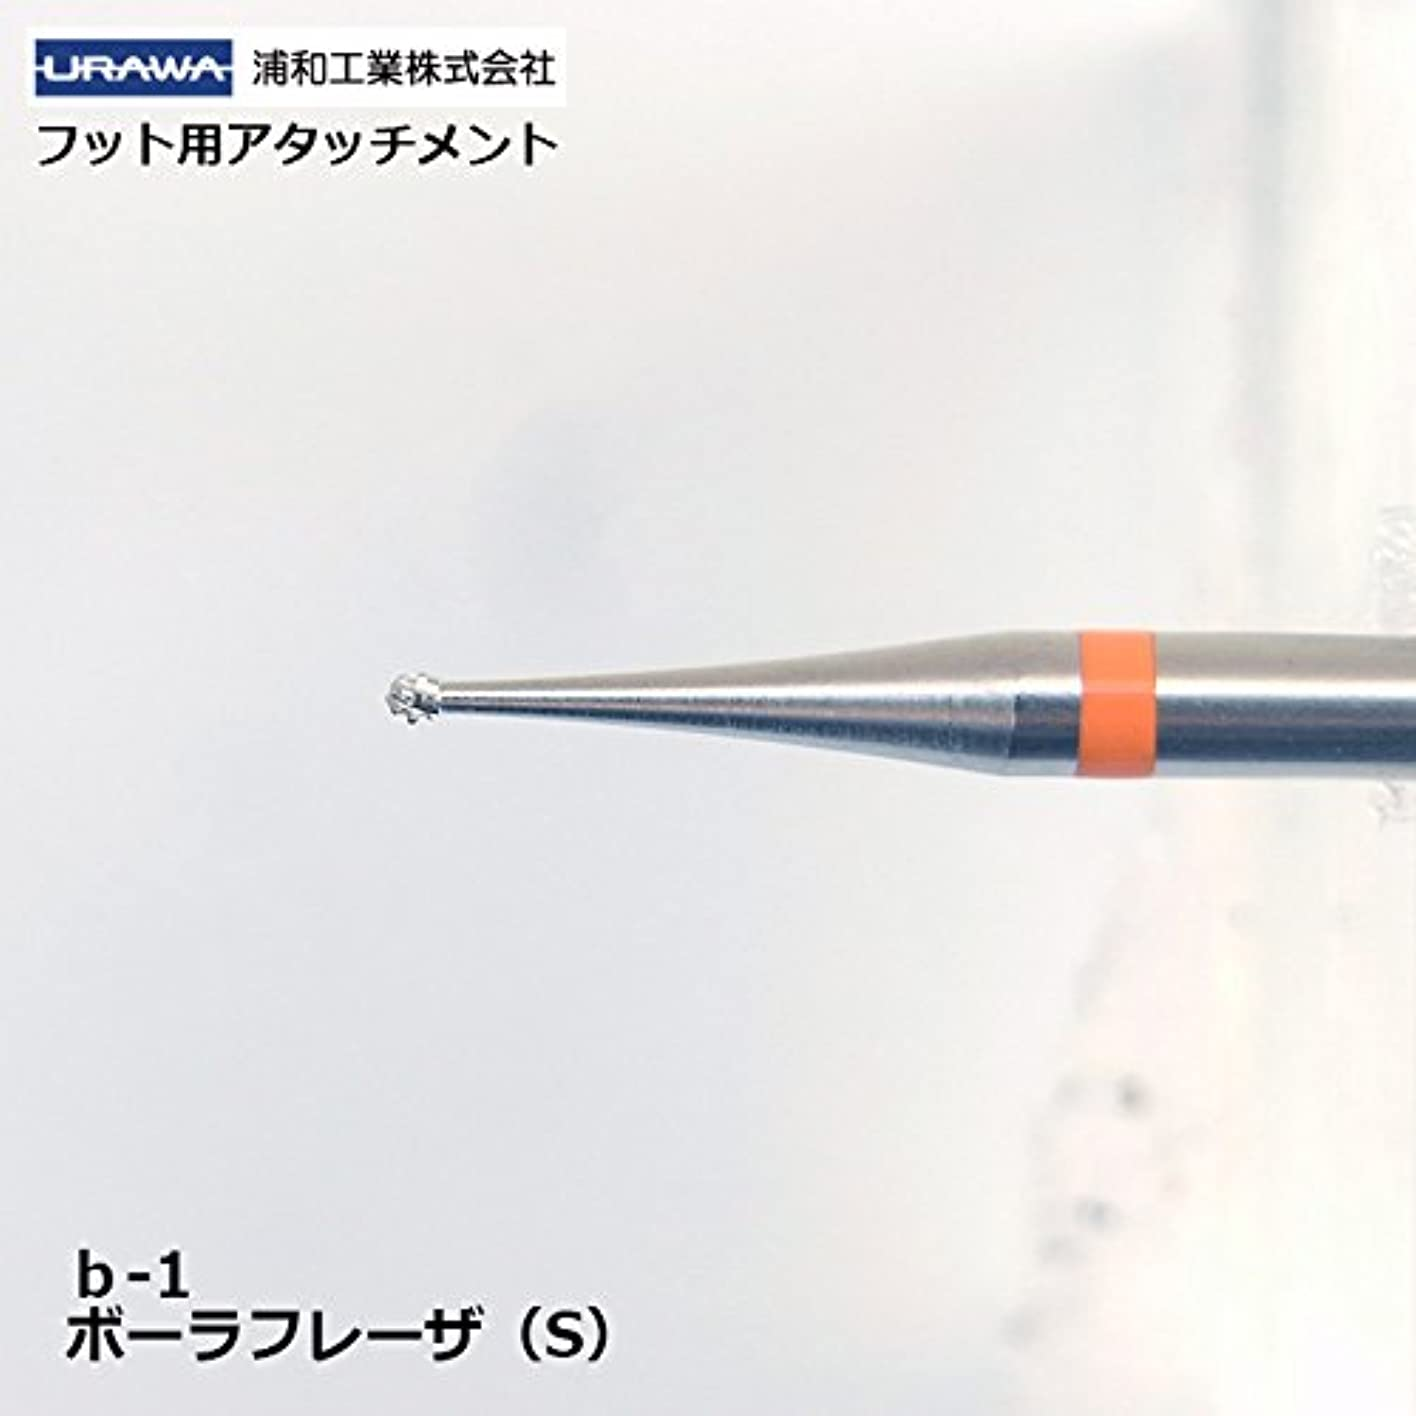 顕現自動雑品【URAWA】ボーラフレーザーS(b-1)【フット用アタッチメント】